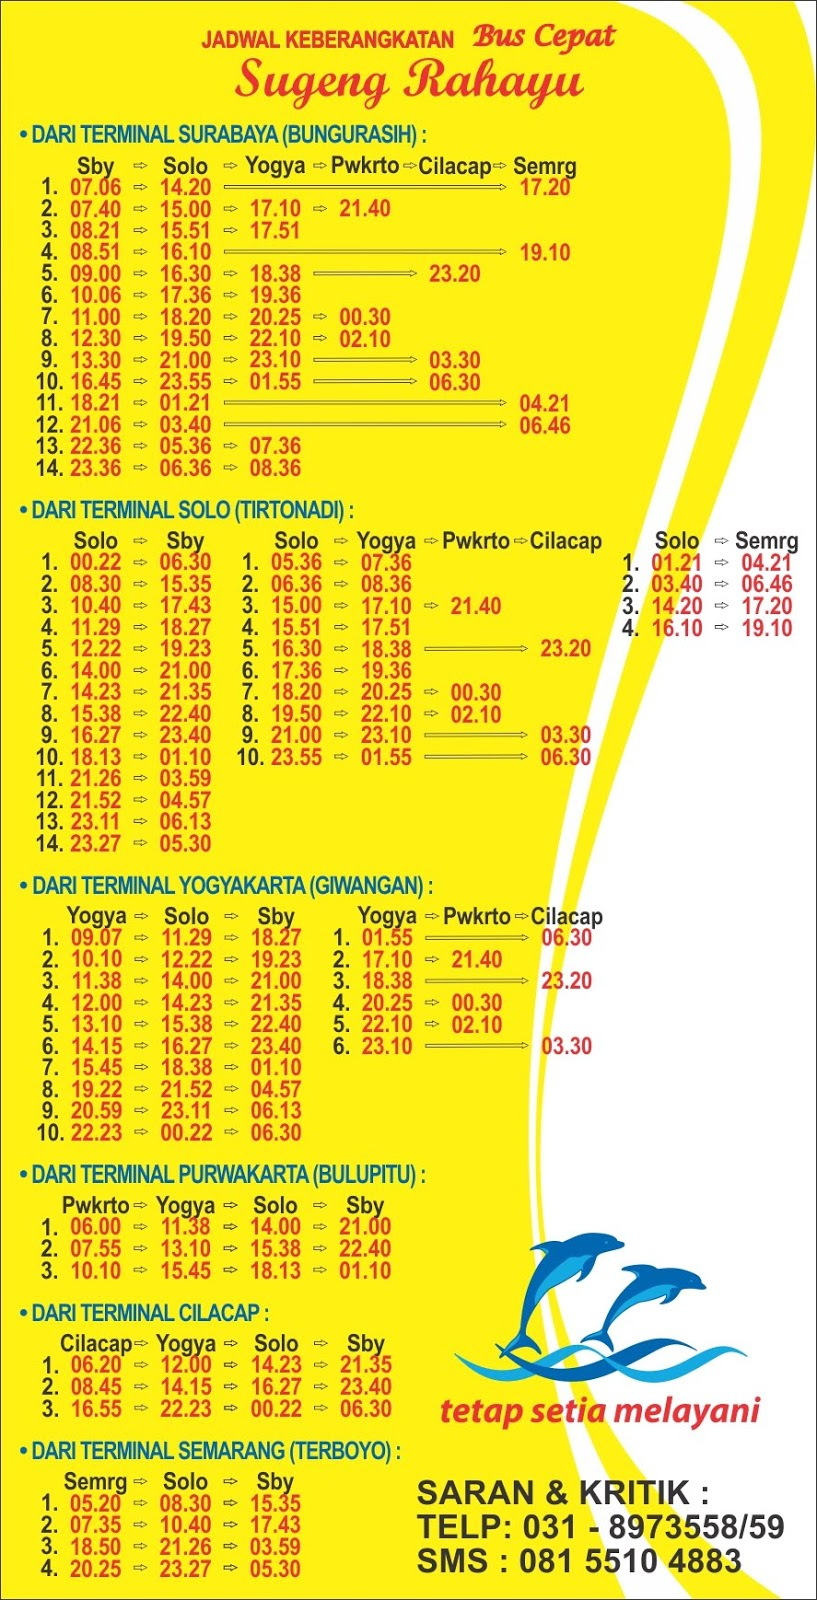 jadwal bus surabaya semarang atau semarang surabaya rh rahmancyber net jadwal bus semarang solo 24 jam jadwal bus semarang solo terbaru 2017